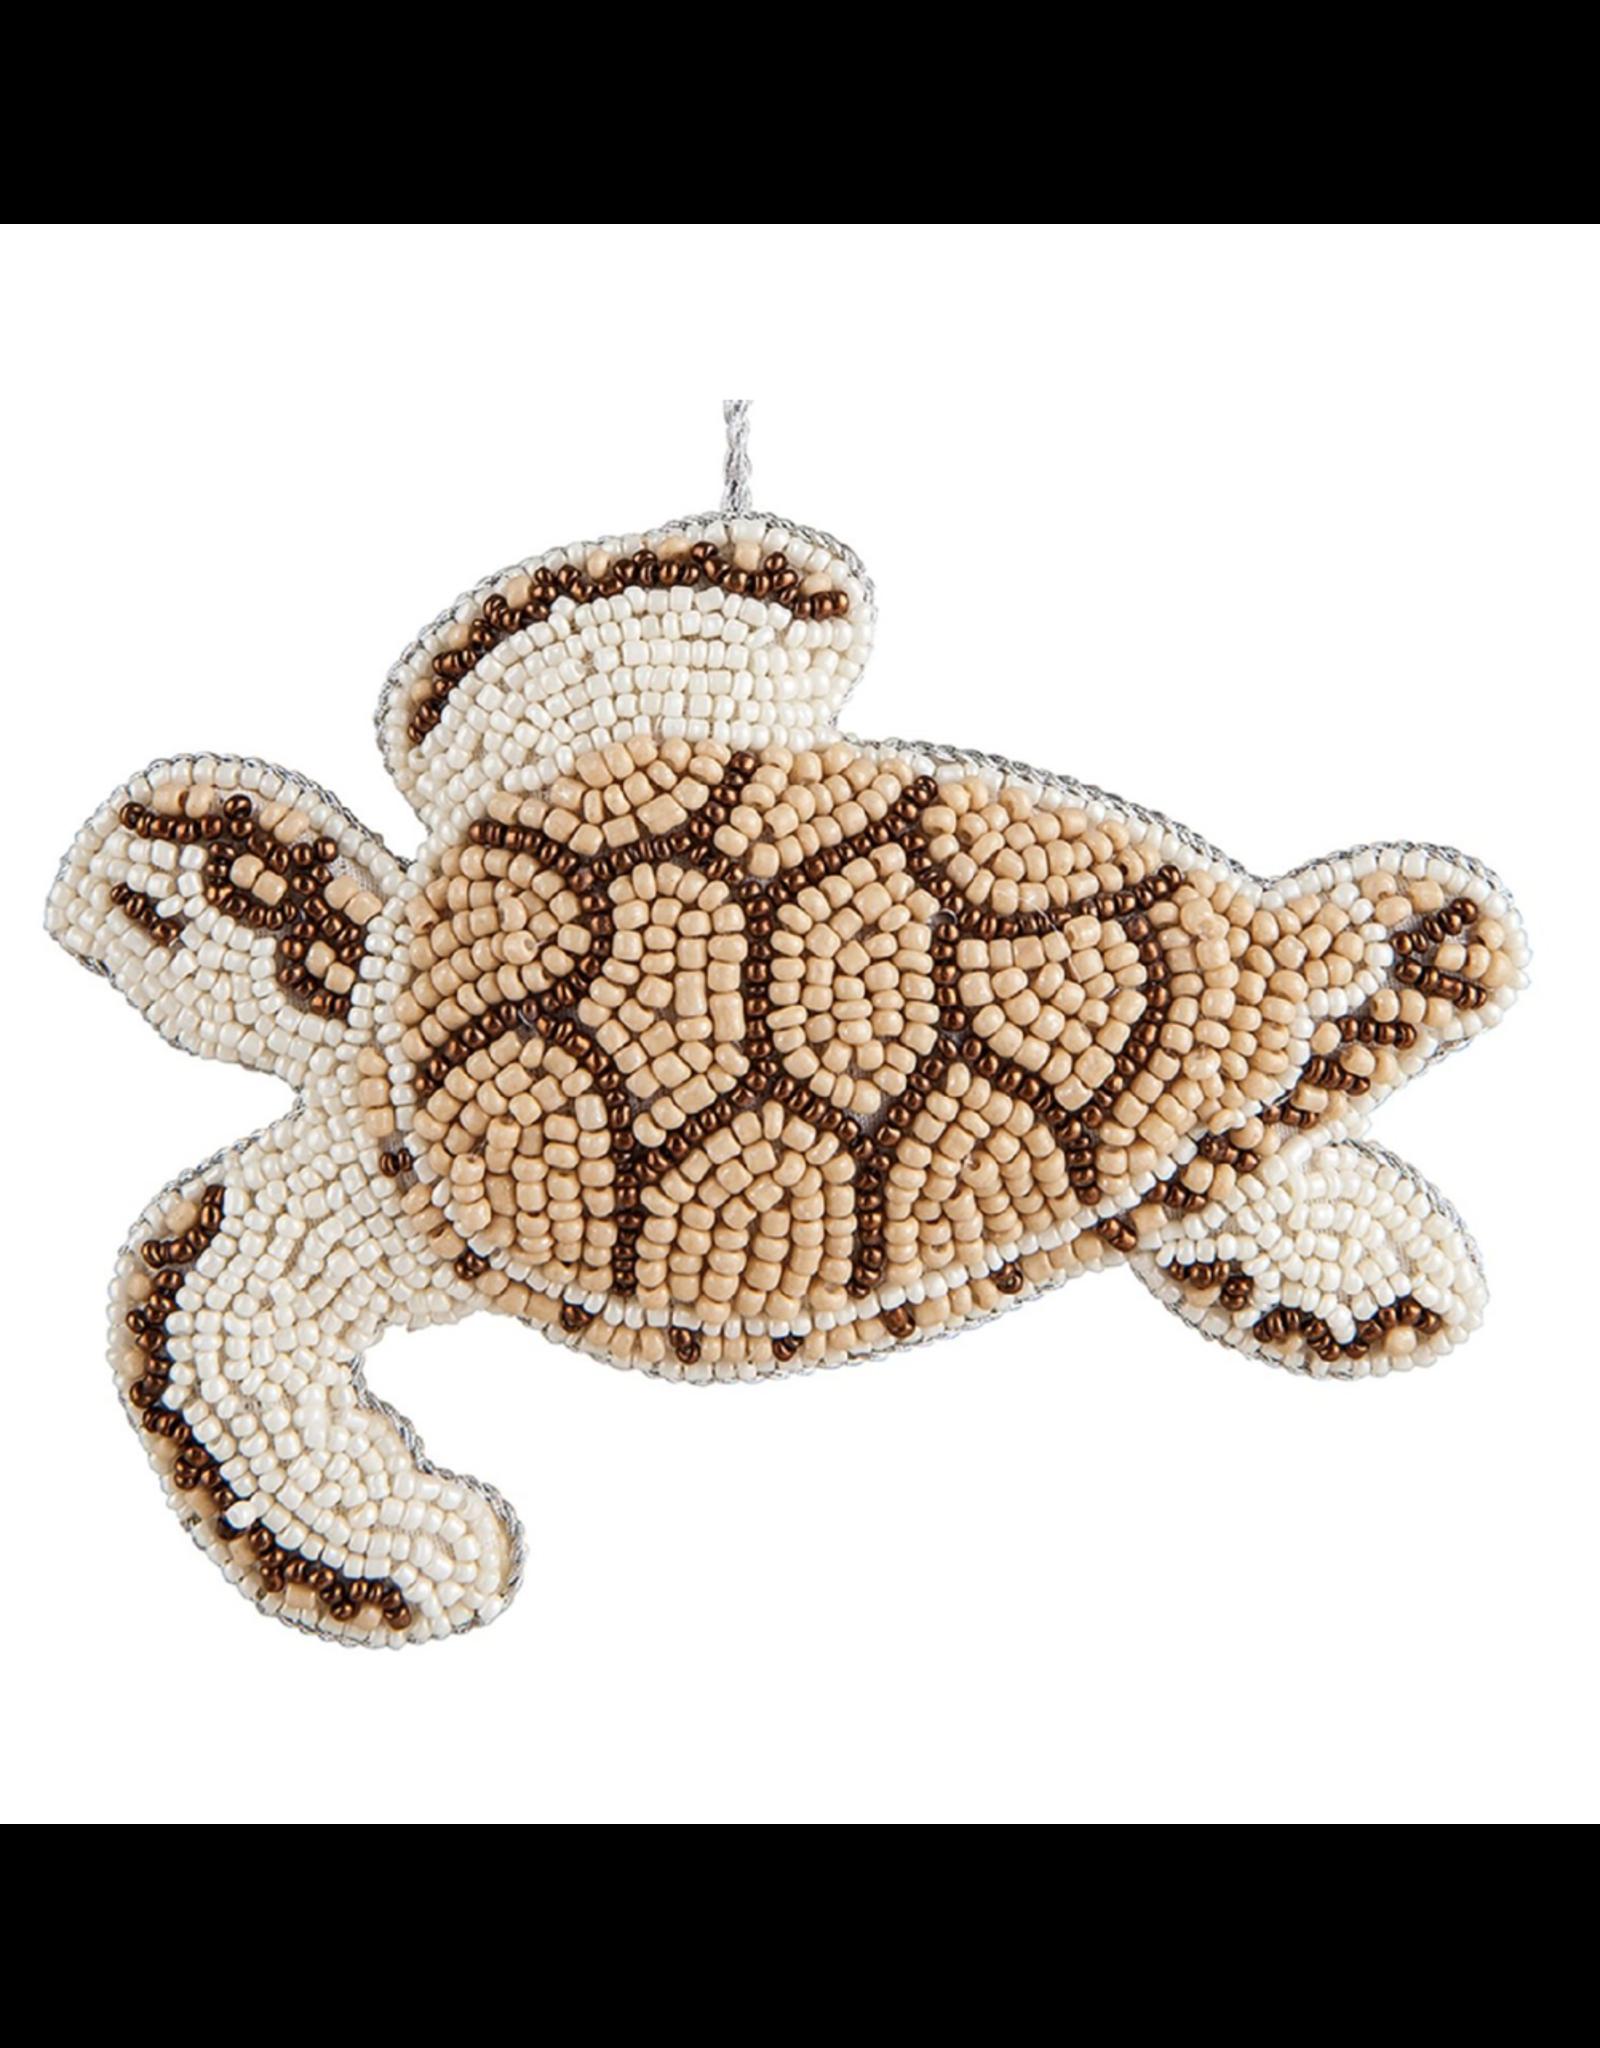 Gallerie II Bahamas Beaded Sea Turtle Ornament